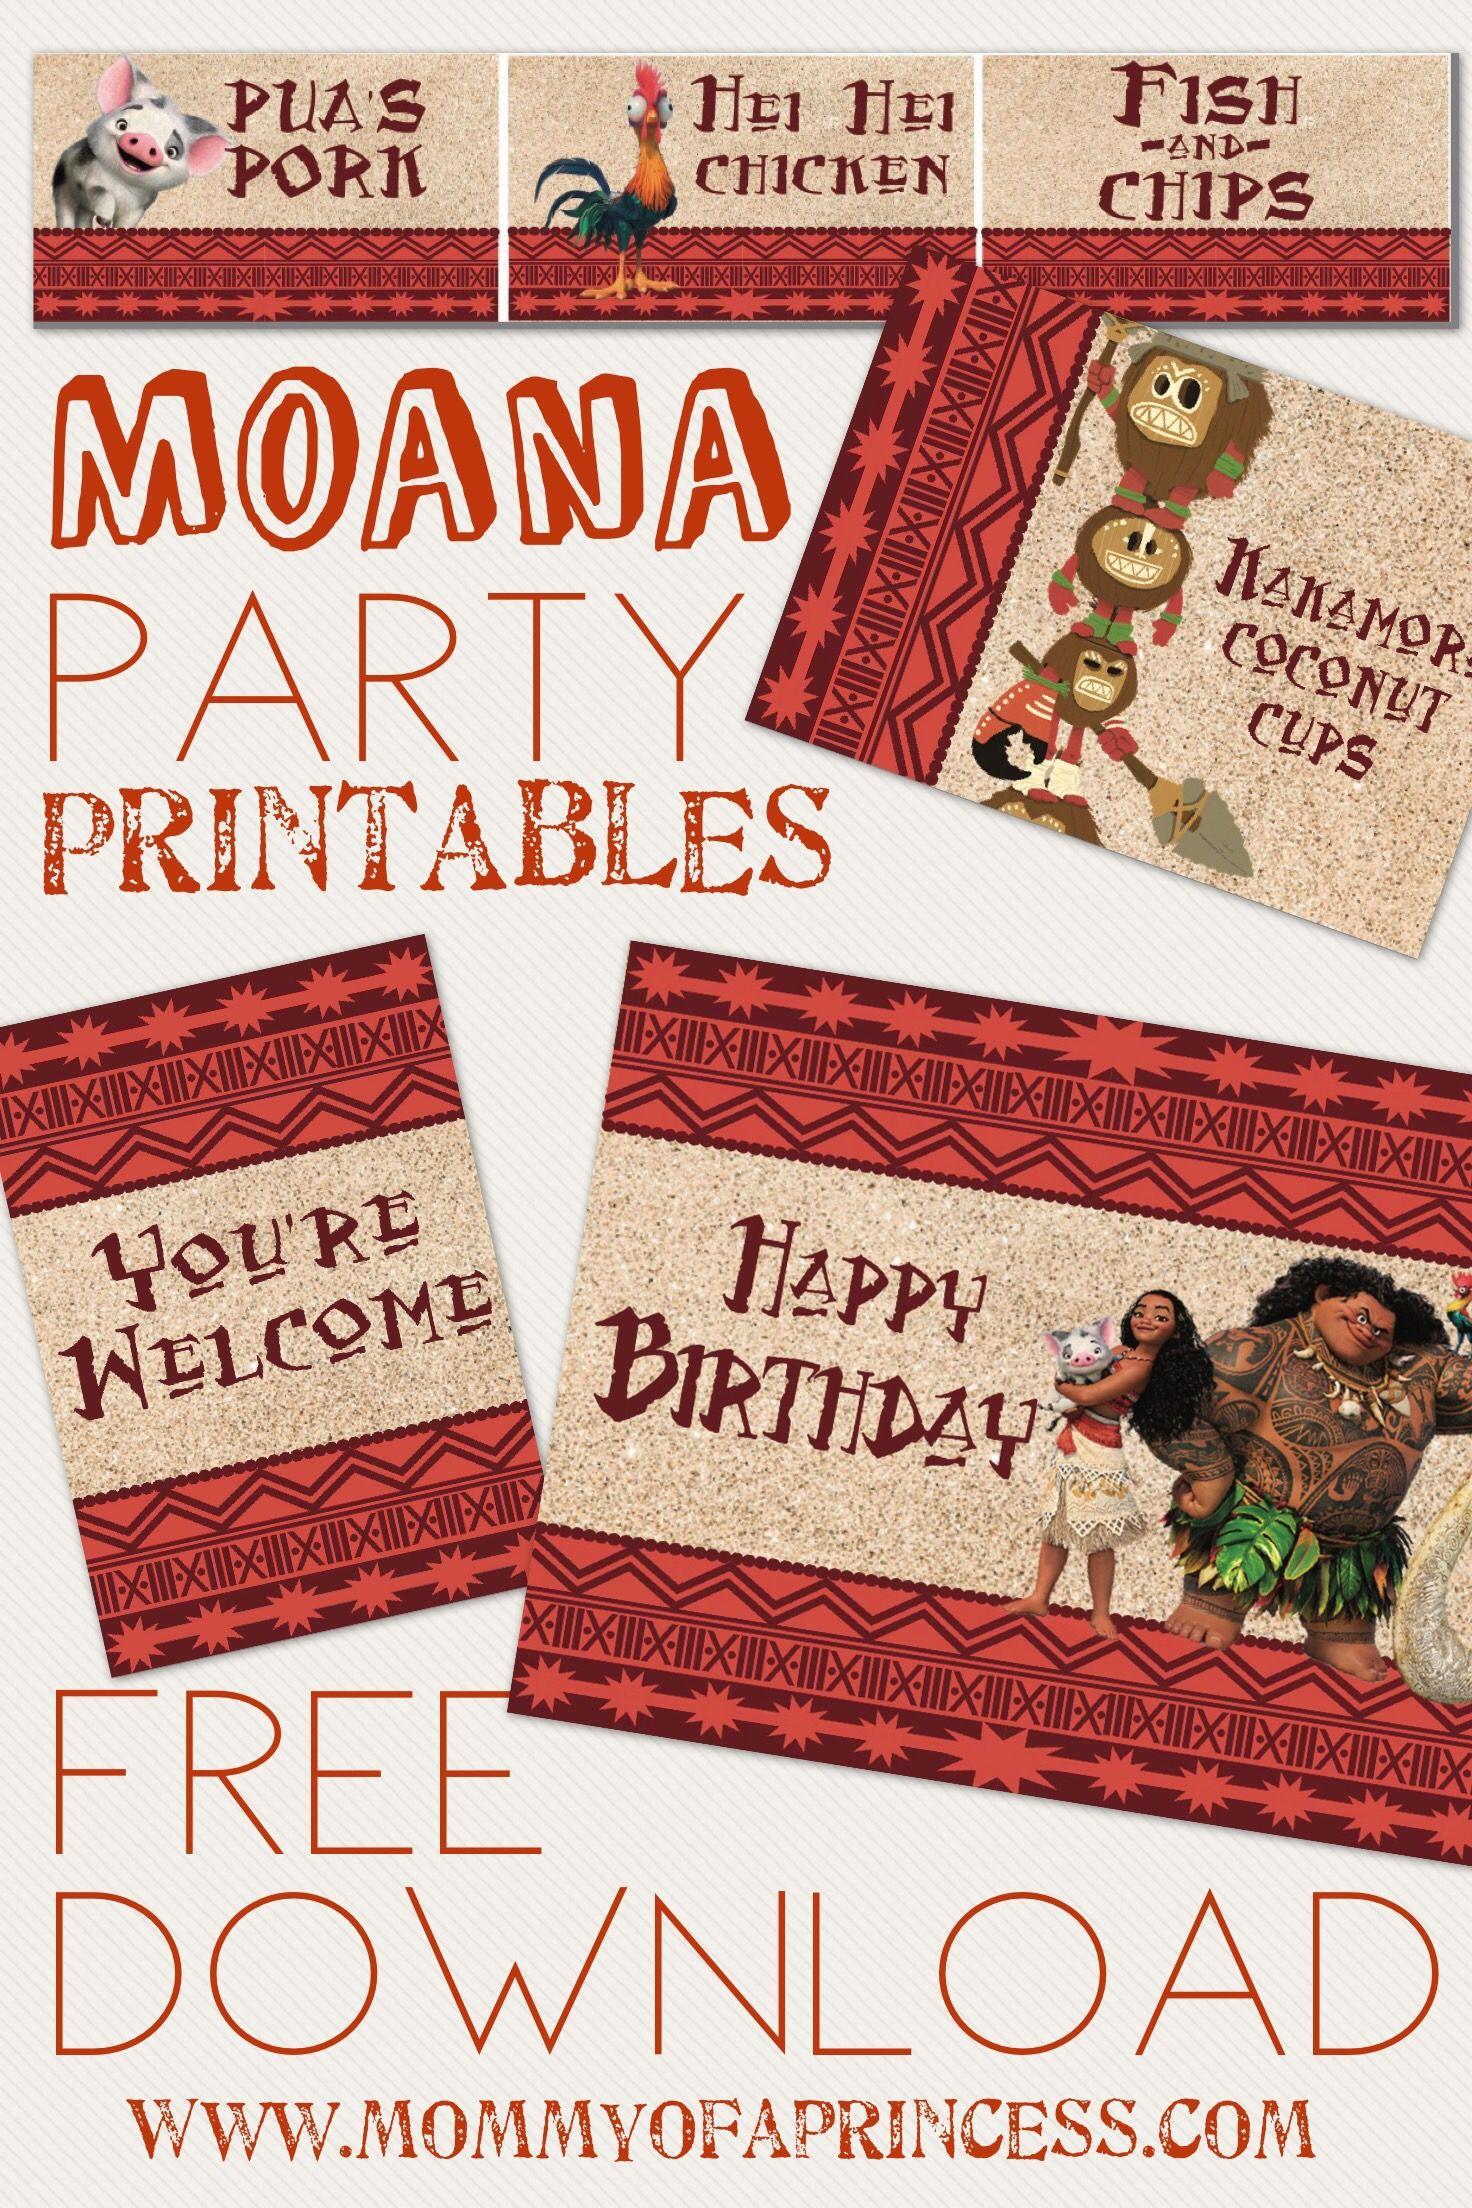 Moana Birthday Party Printables Moana Party Food Ideas